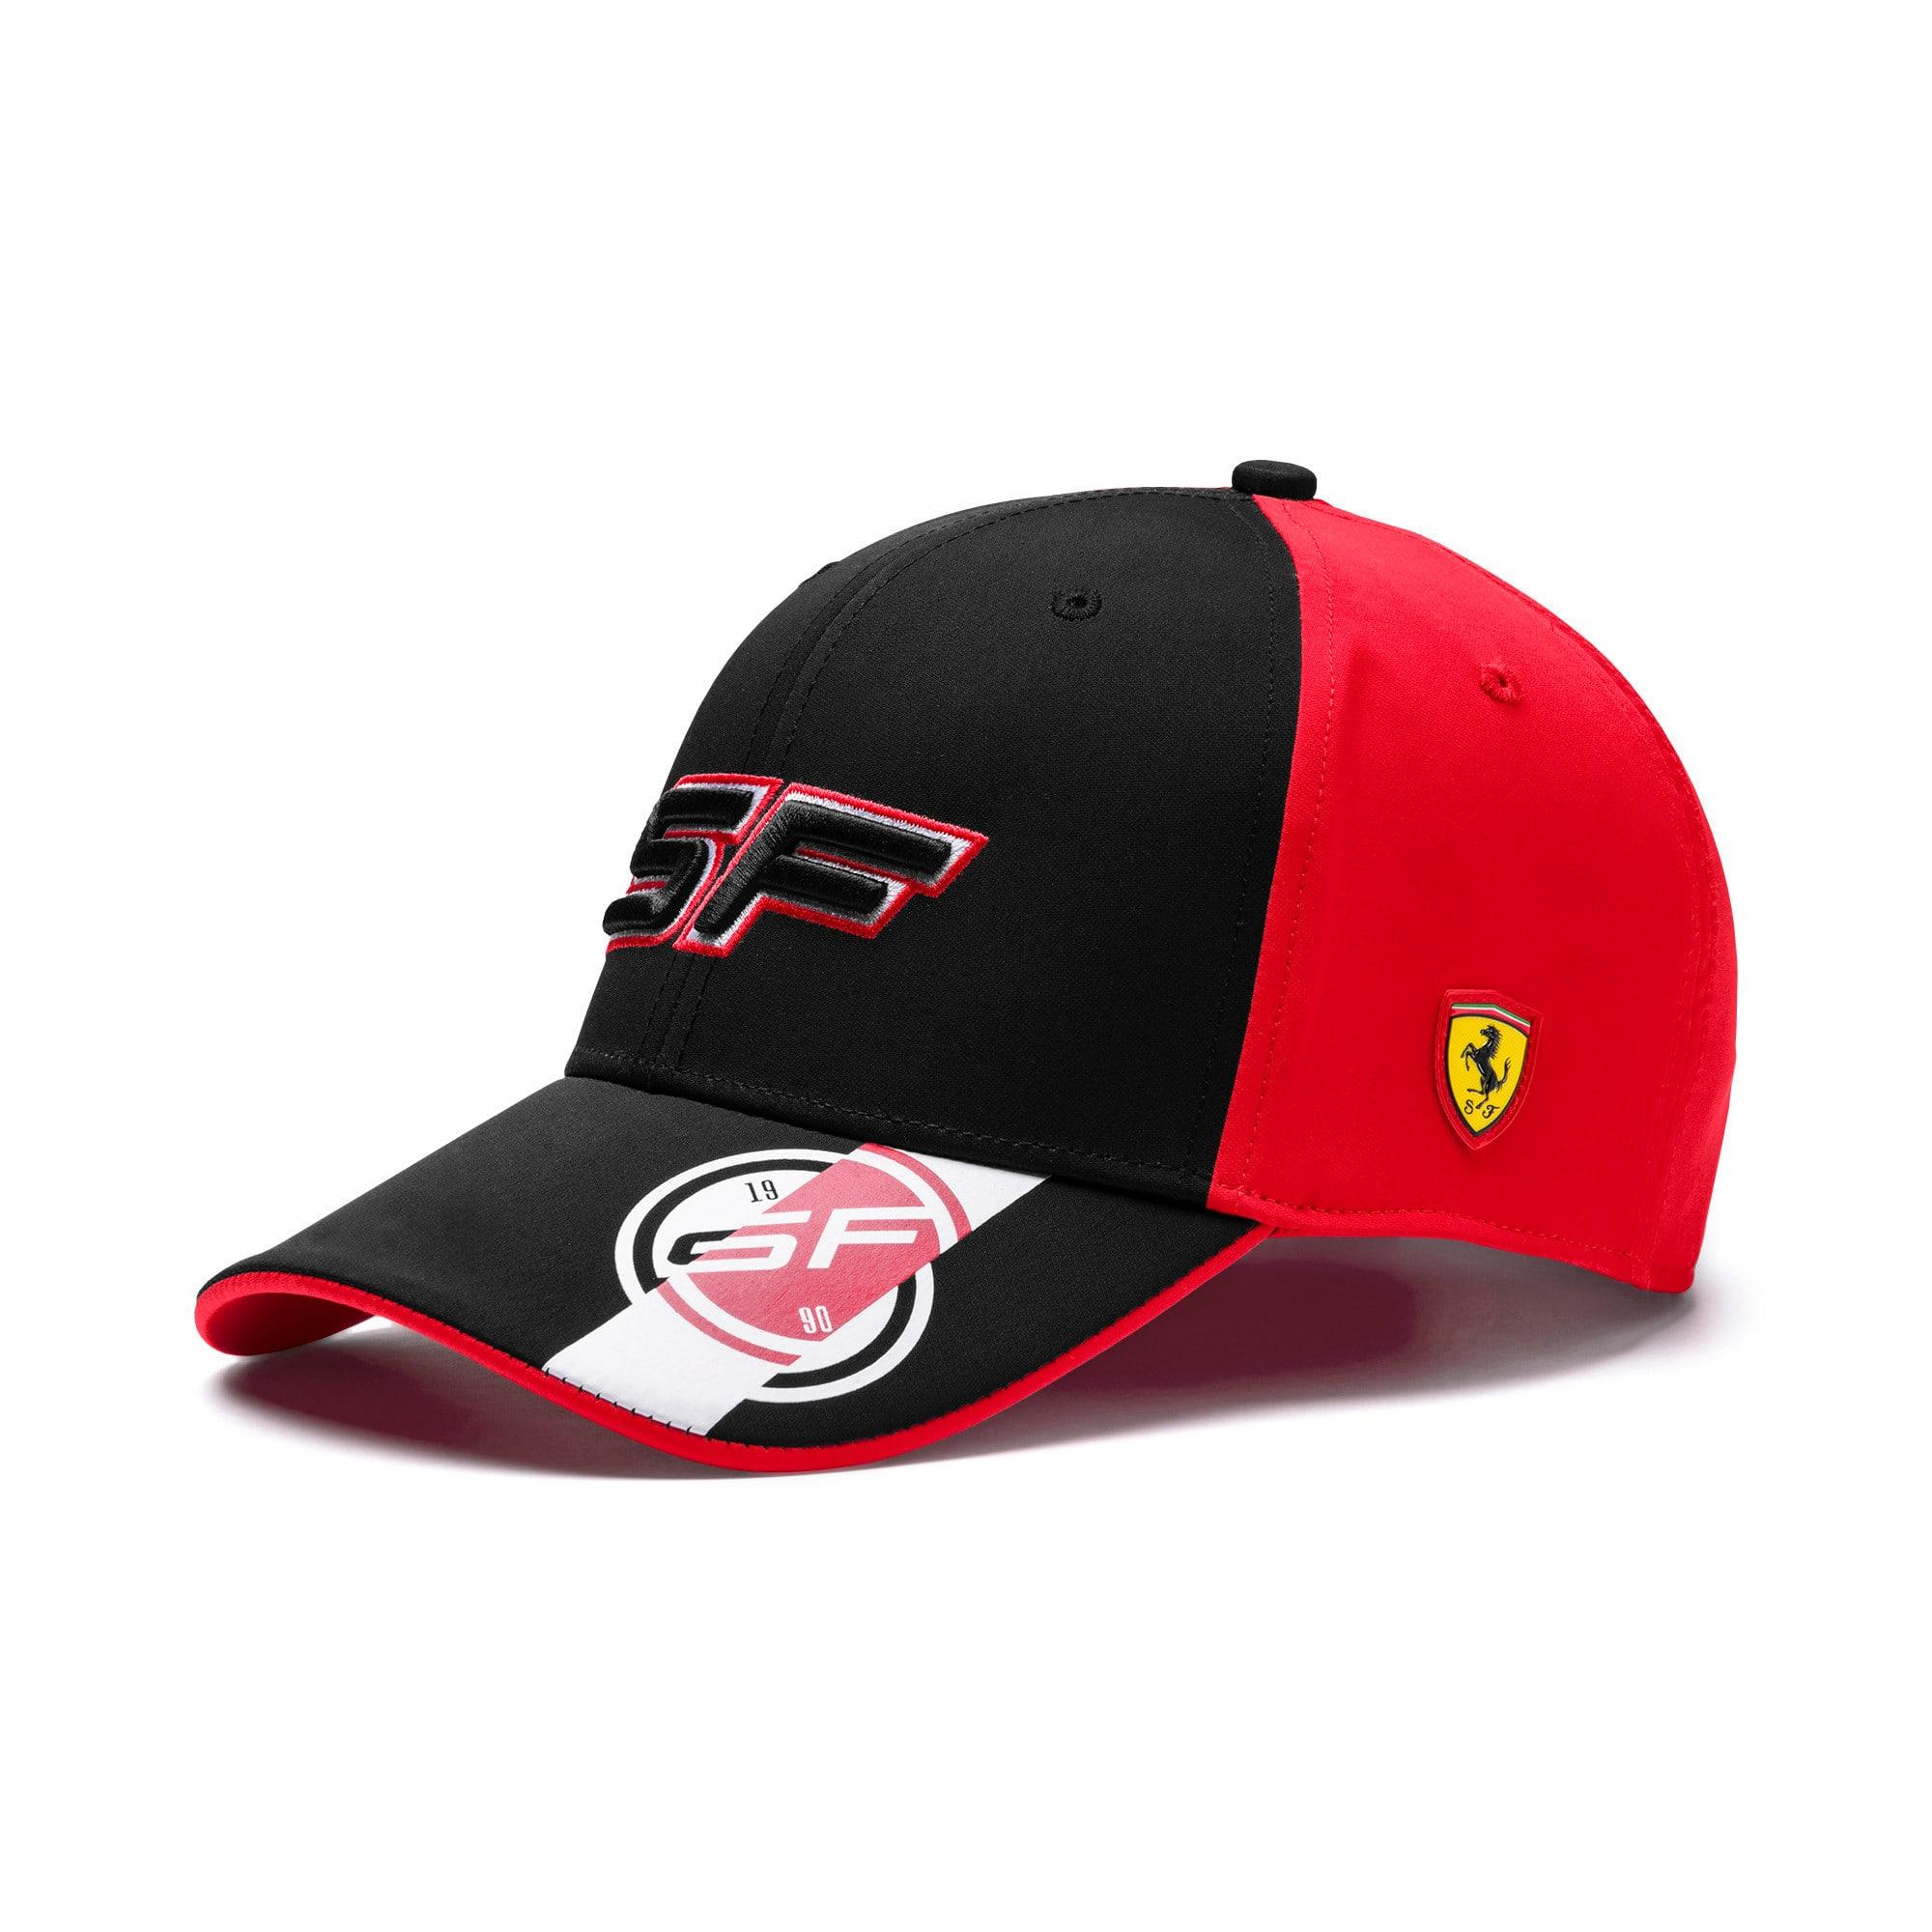 Thumbnail 1 of Scuderia Ferrari Fanwear Street Cap, Puma Black, medium